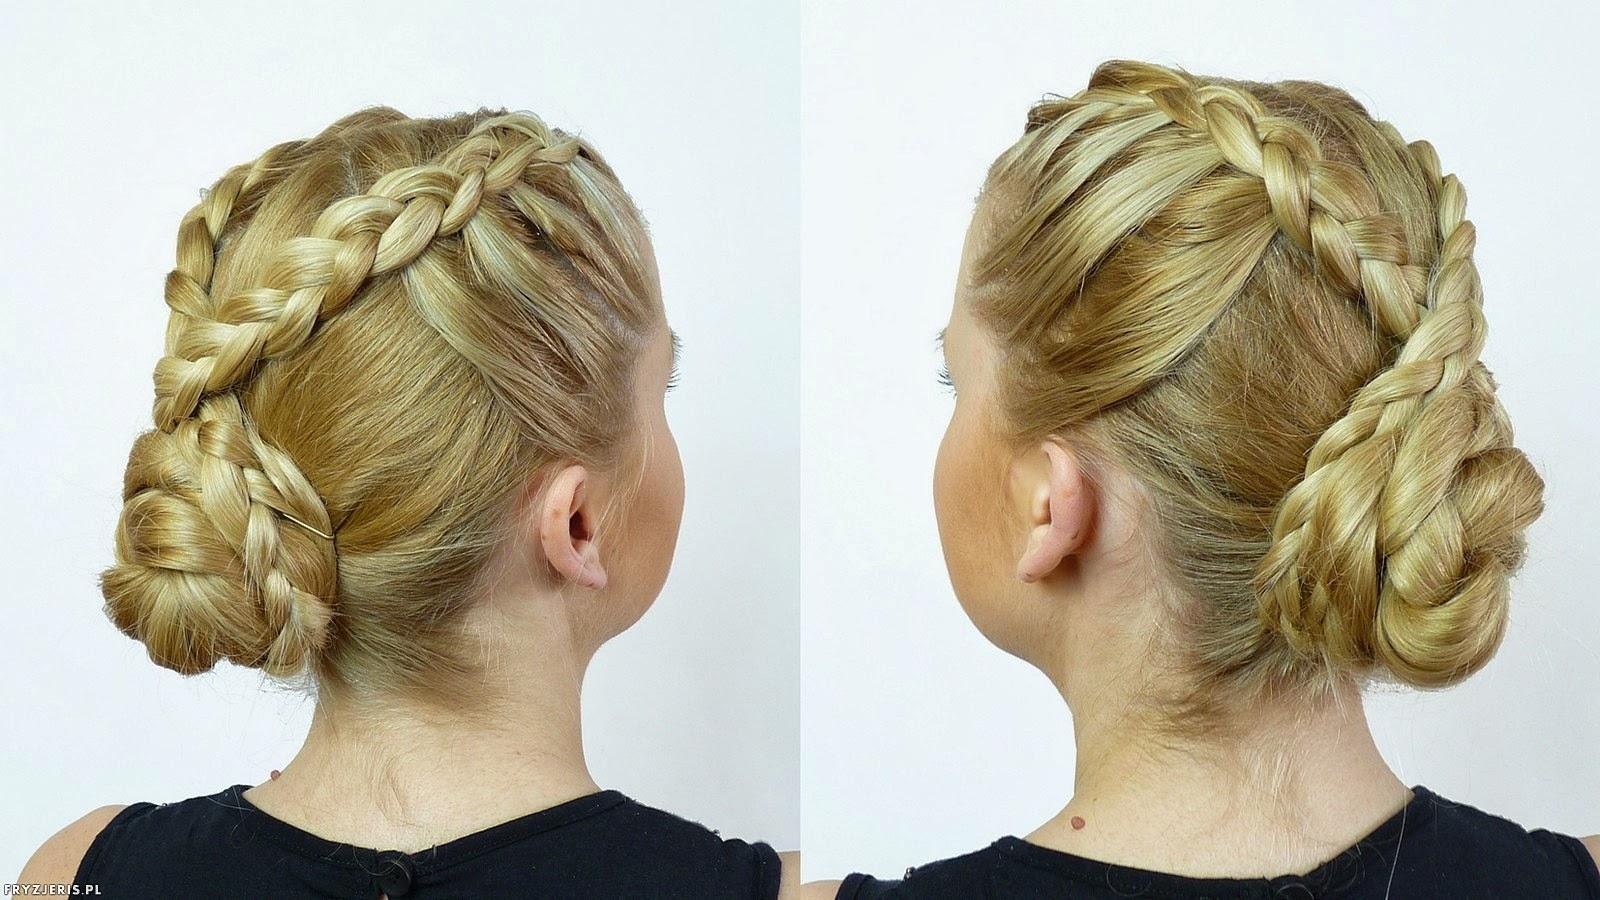 fryzura kok z dwoma warkoczami - krok 3